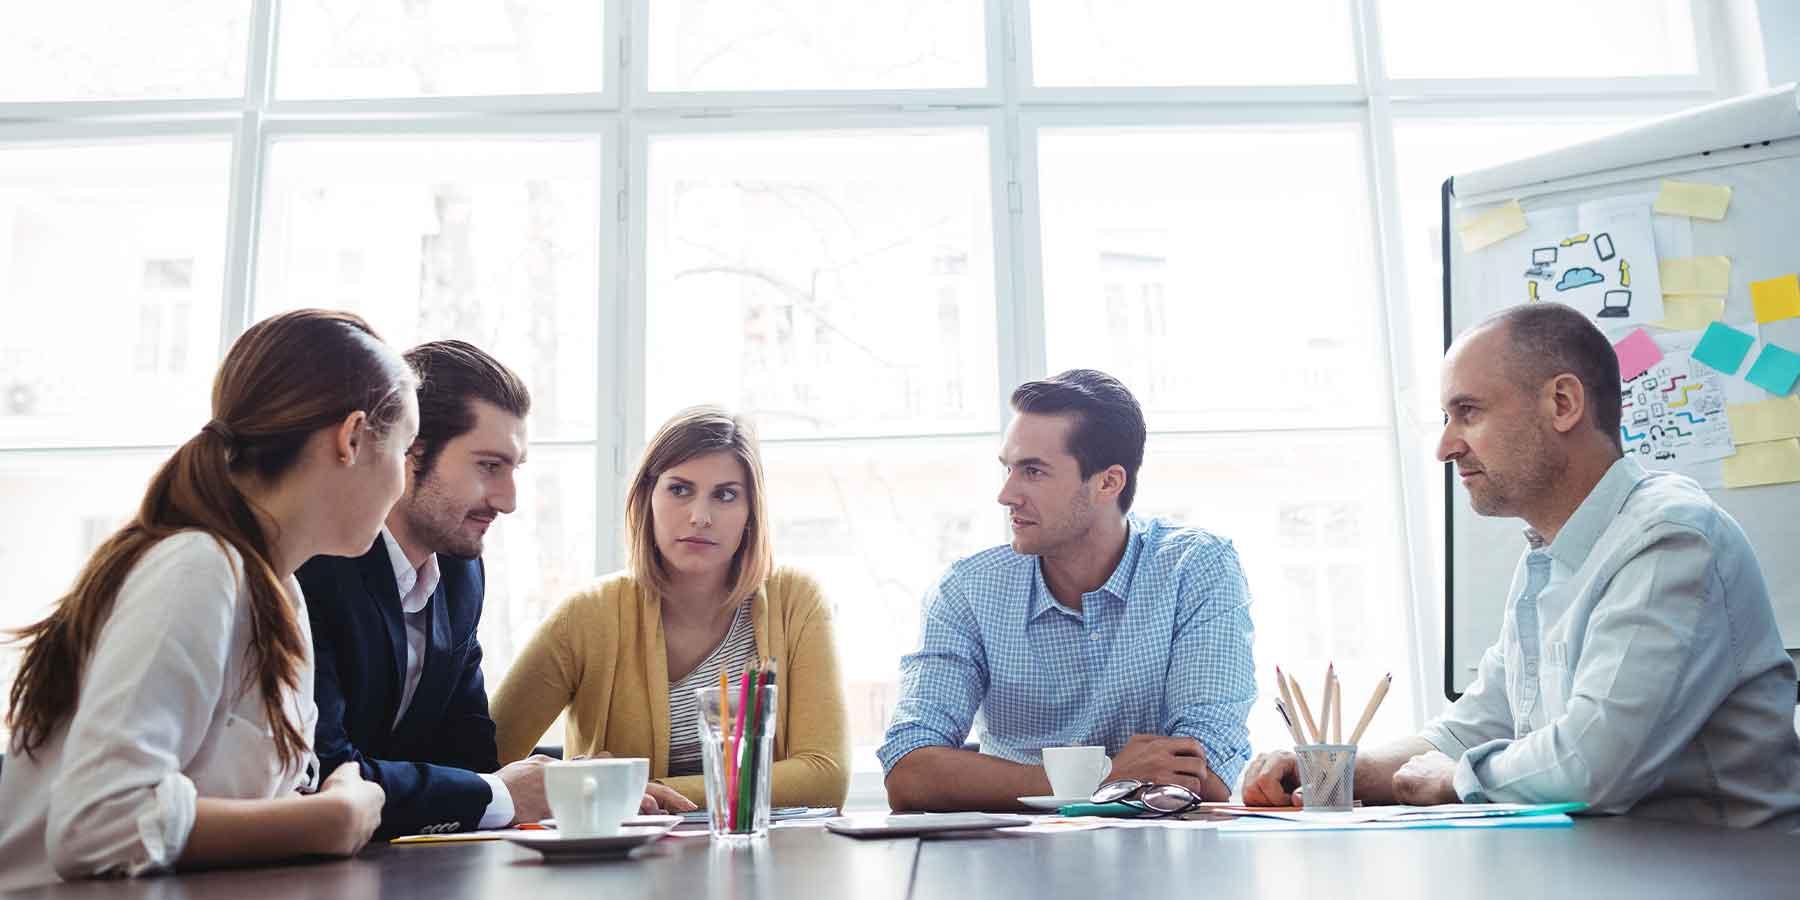 conversations empower individuals